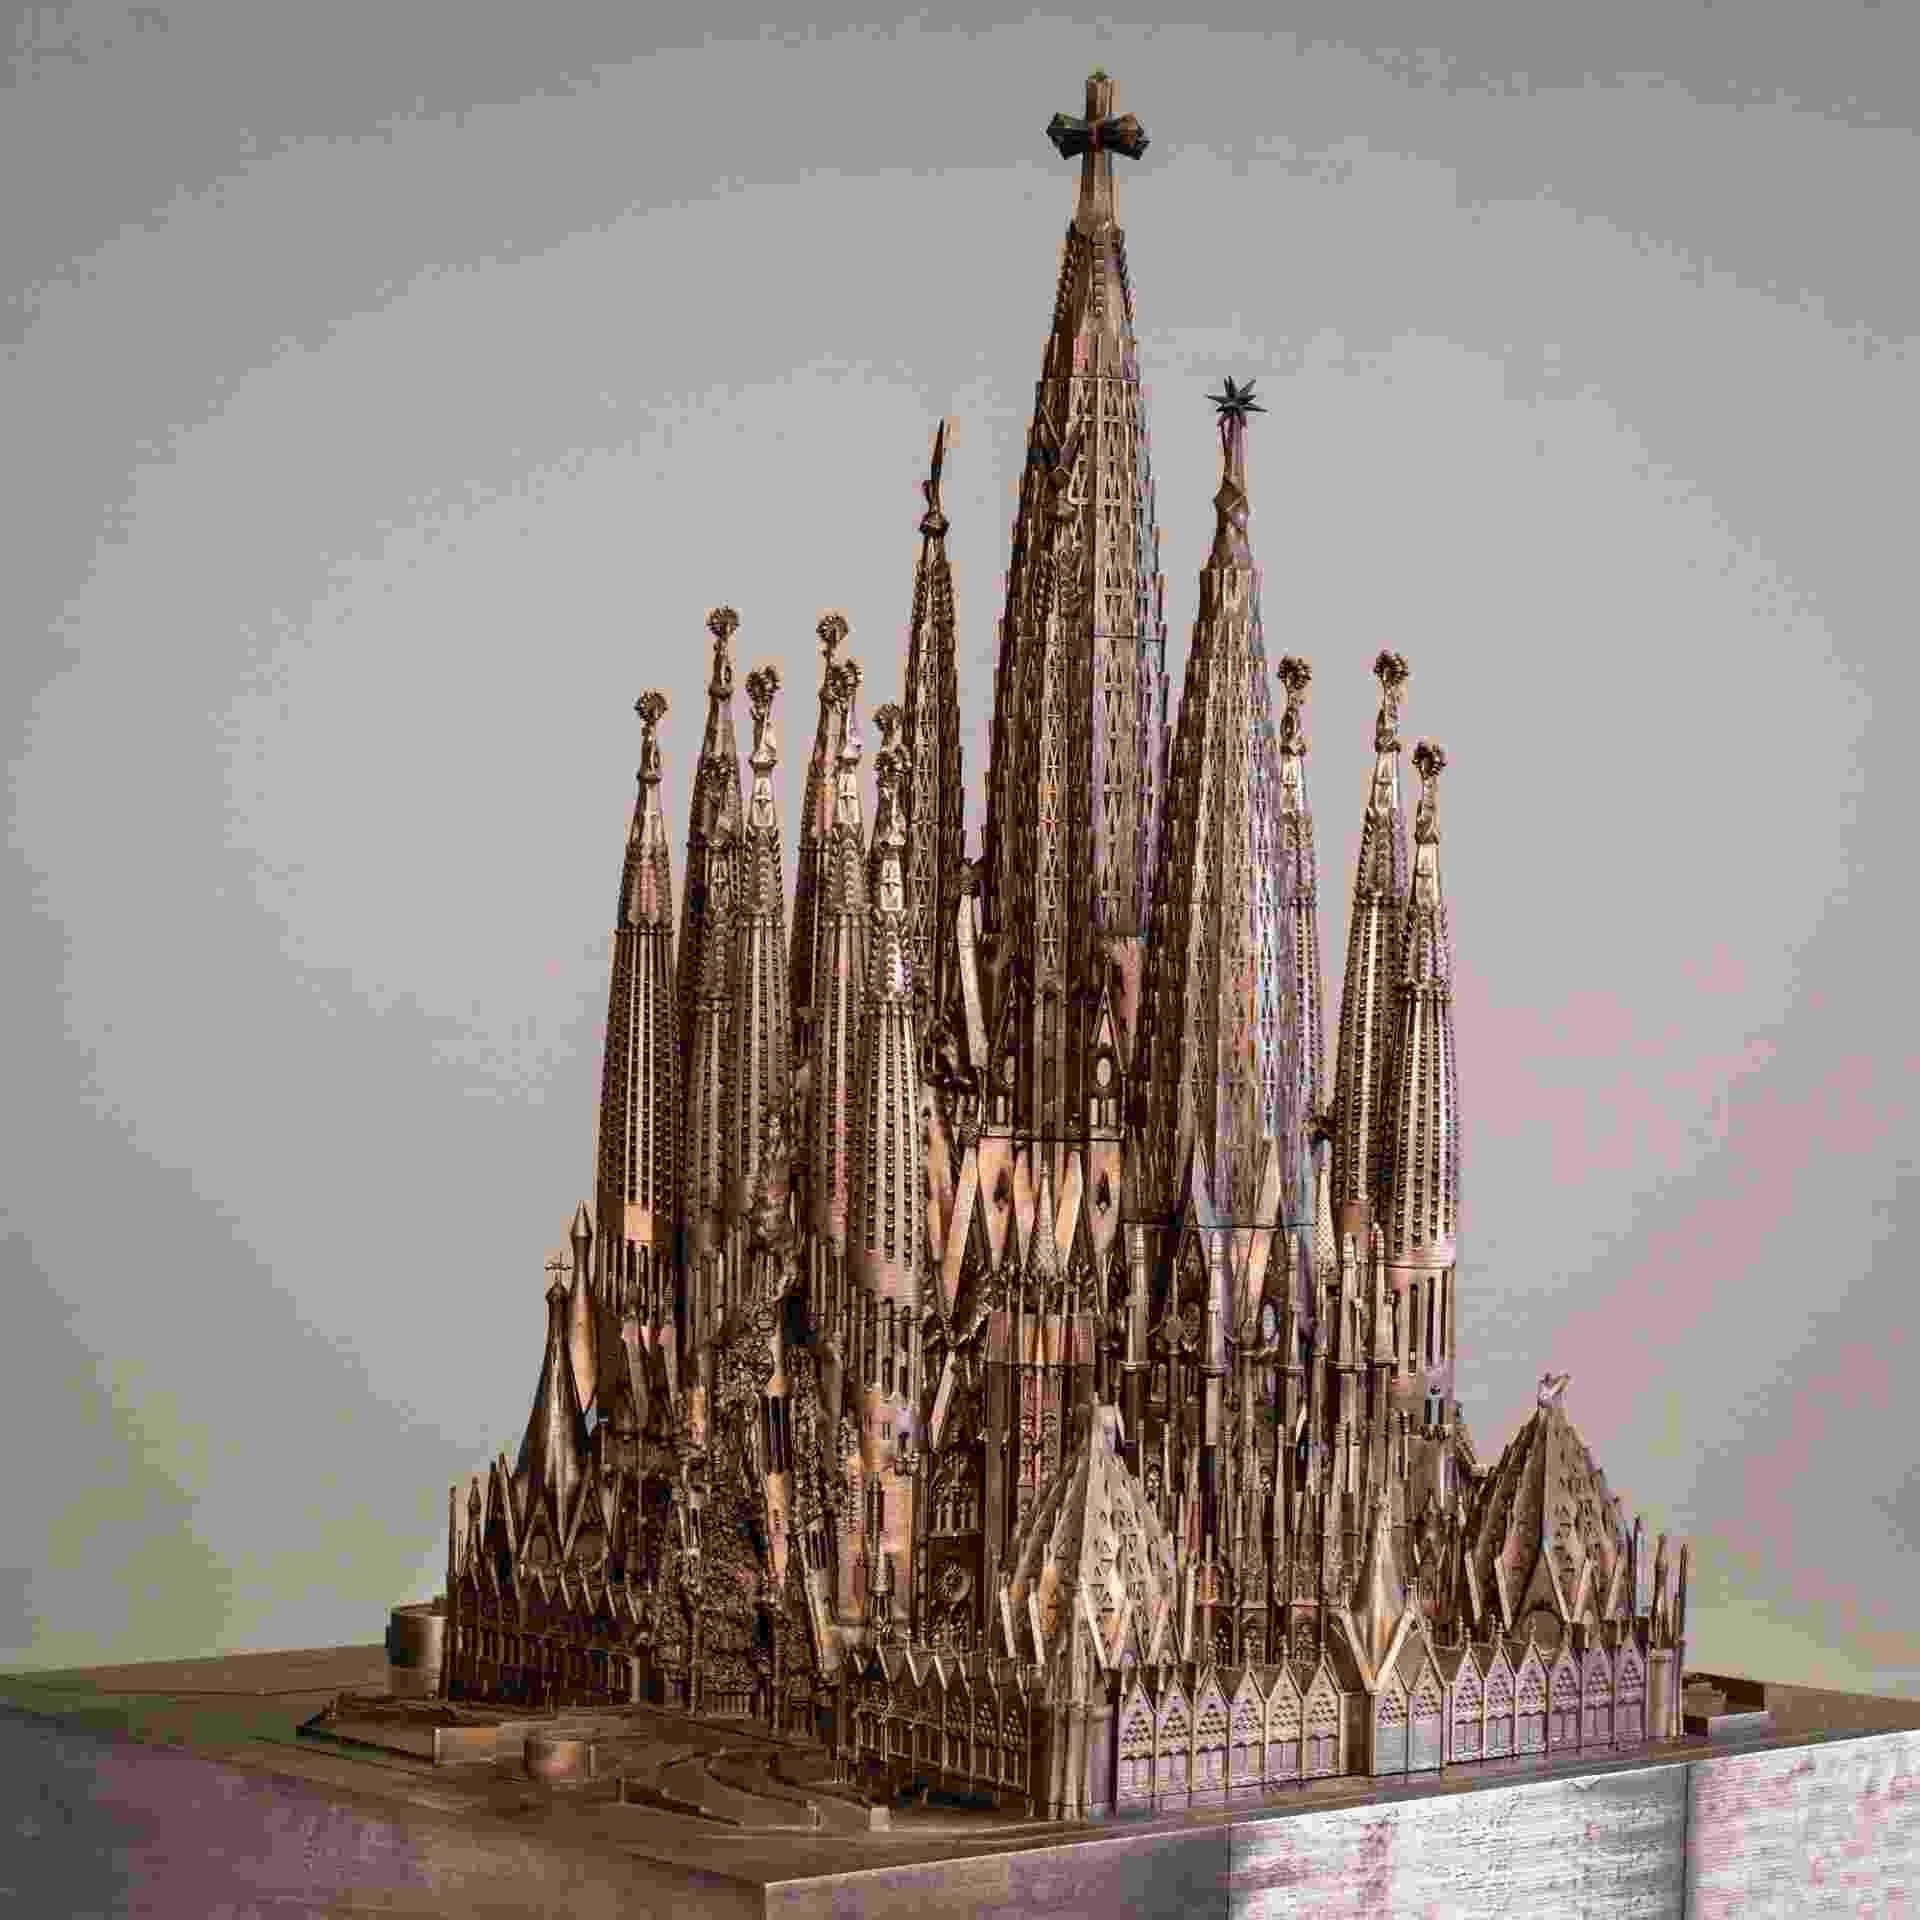 Maquete do conjunto da Basílica da Sagrada Família. Obra-prima de Gaudí, o templo católico localizado em Barcelona estará retratado em diversas maquetes na exposição do arquiteto catalão no Instituto Tomie Ohtake, em São Paulo - Divulgação/© Basílica de la Sagrada Família